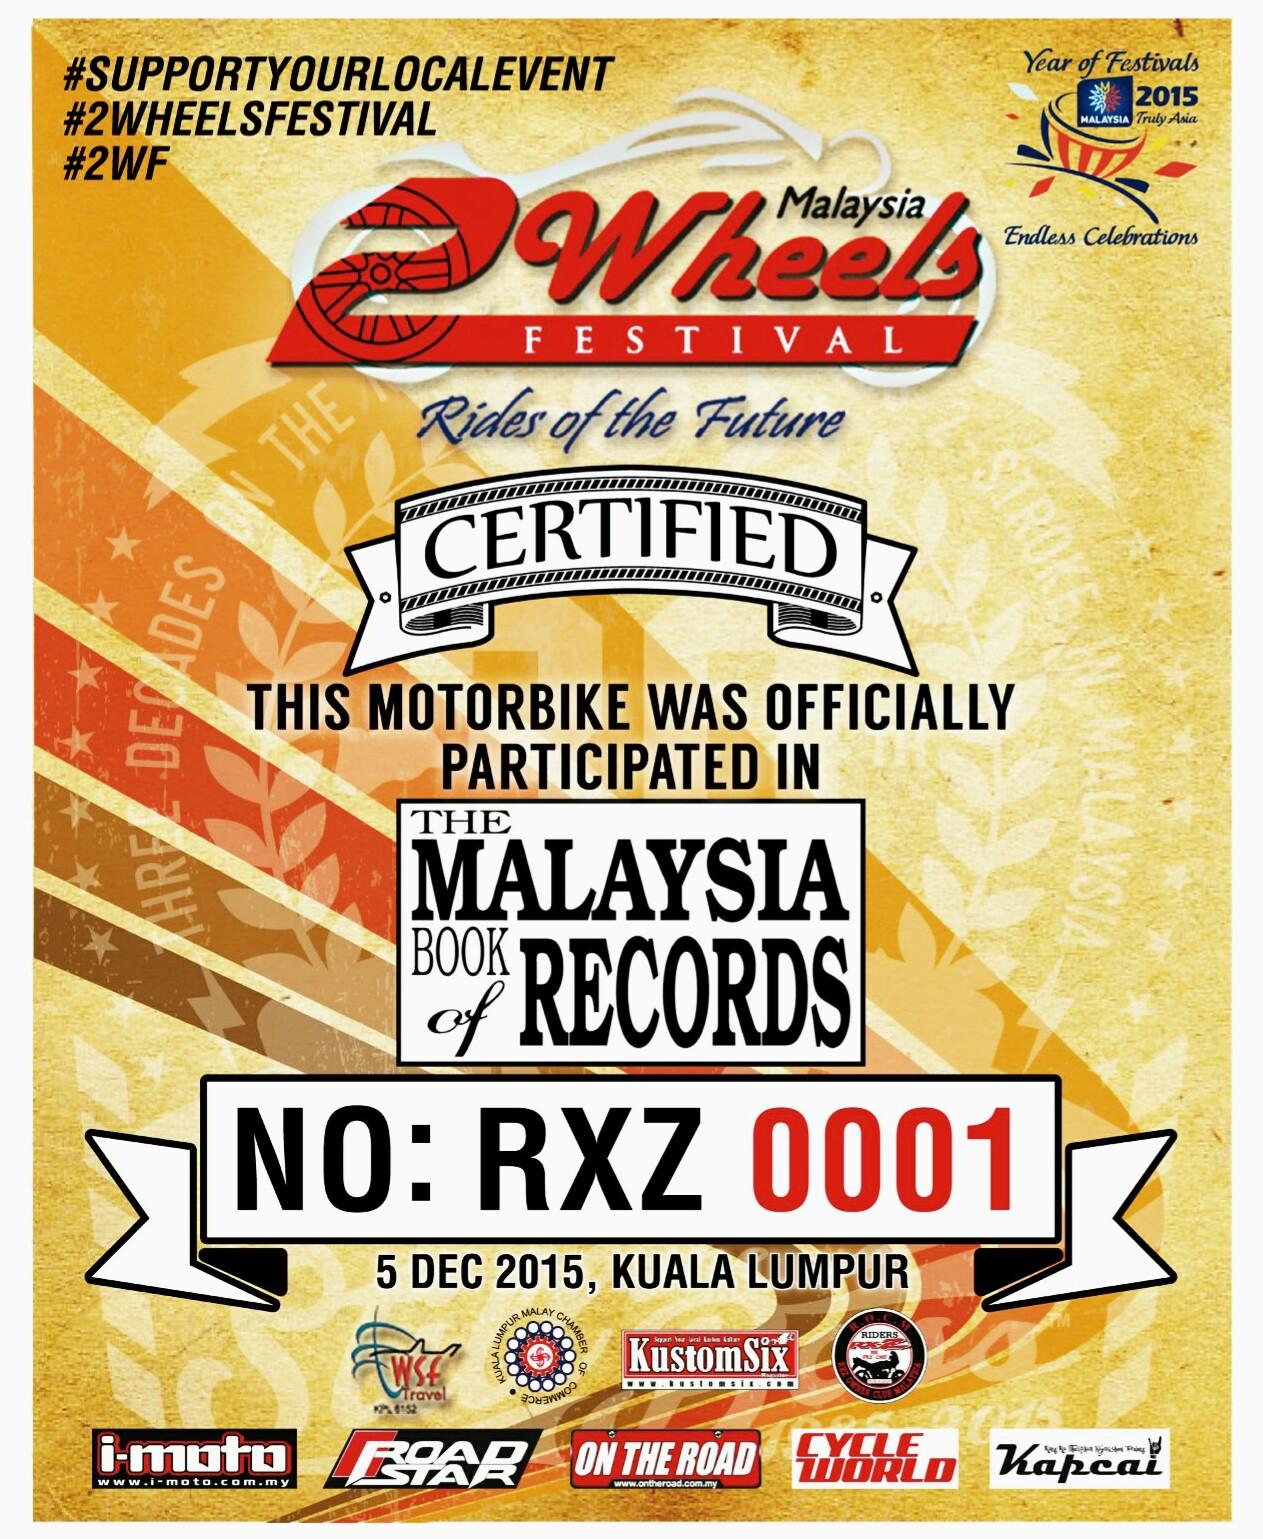 2WF RXZ Certificate (1)